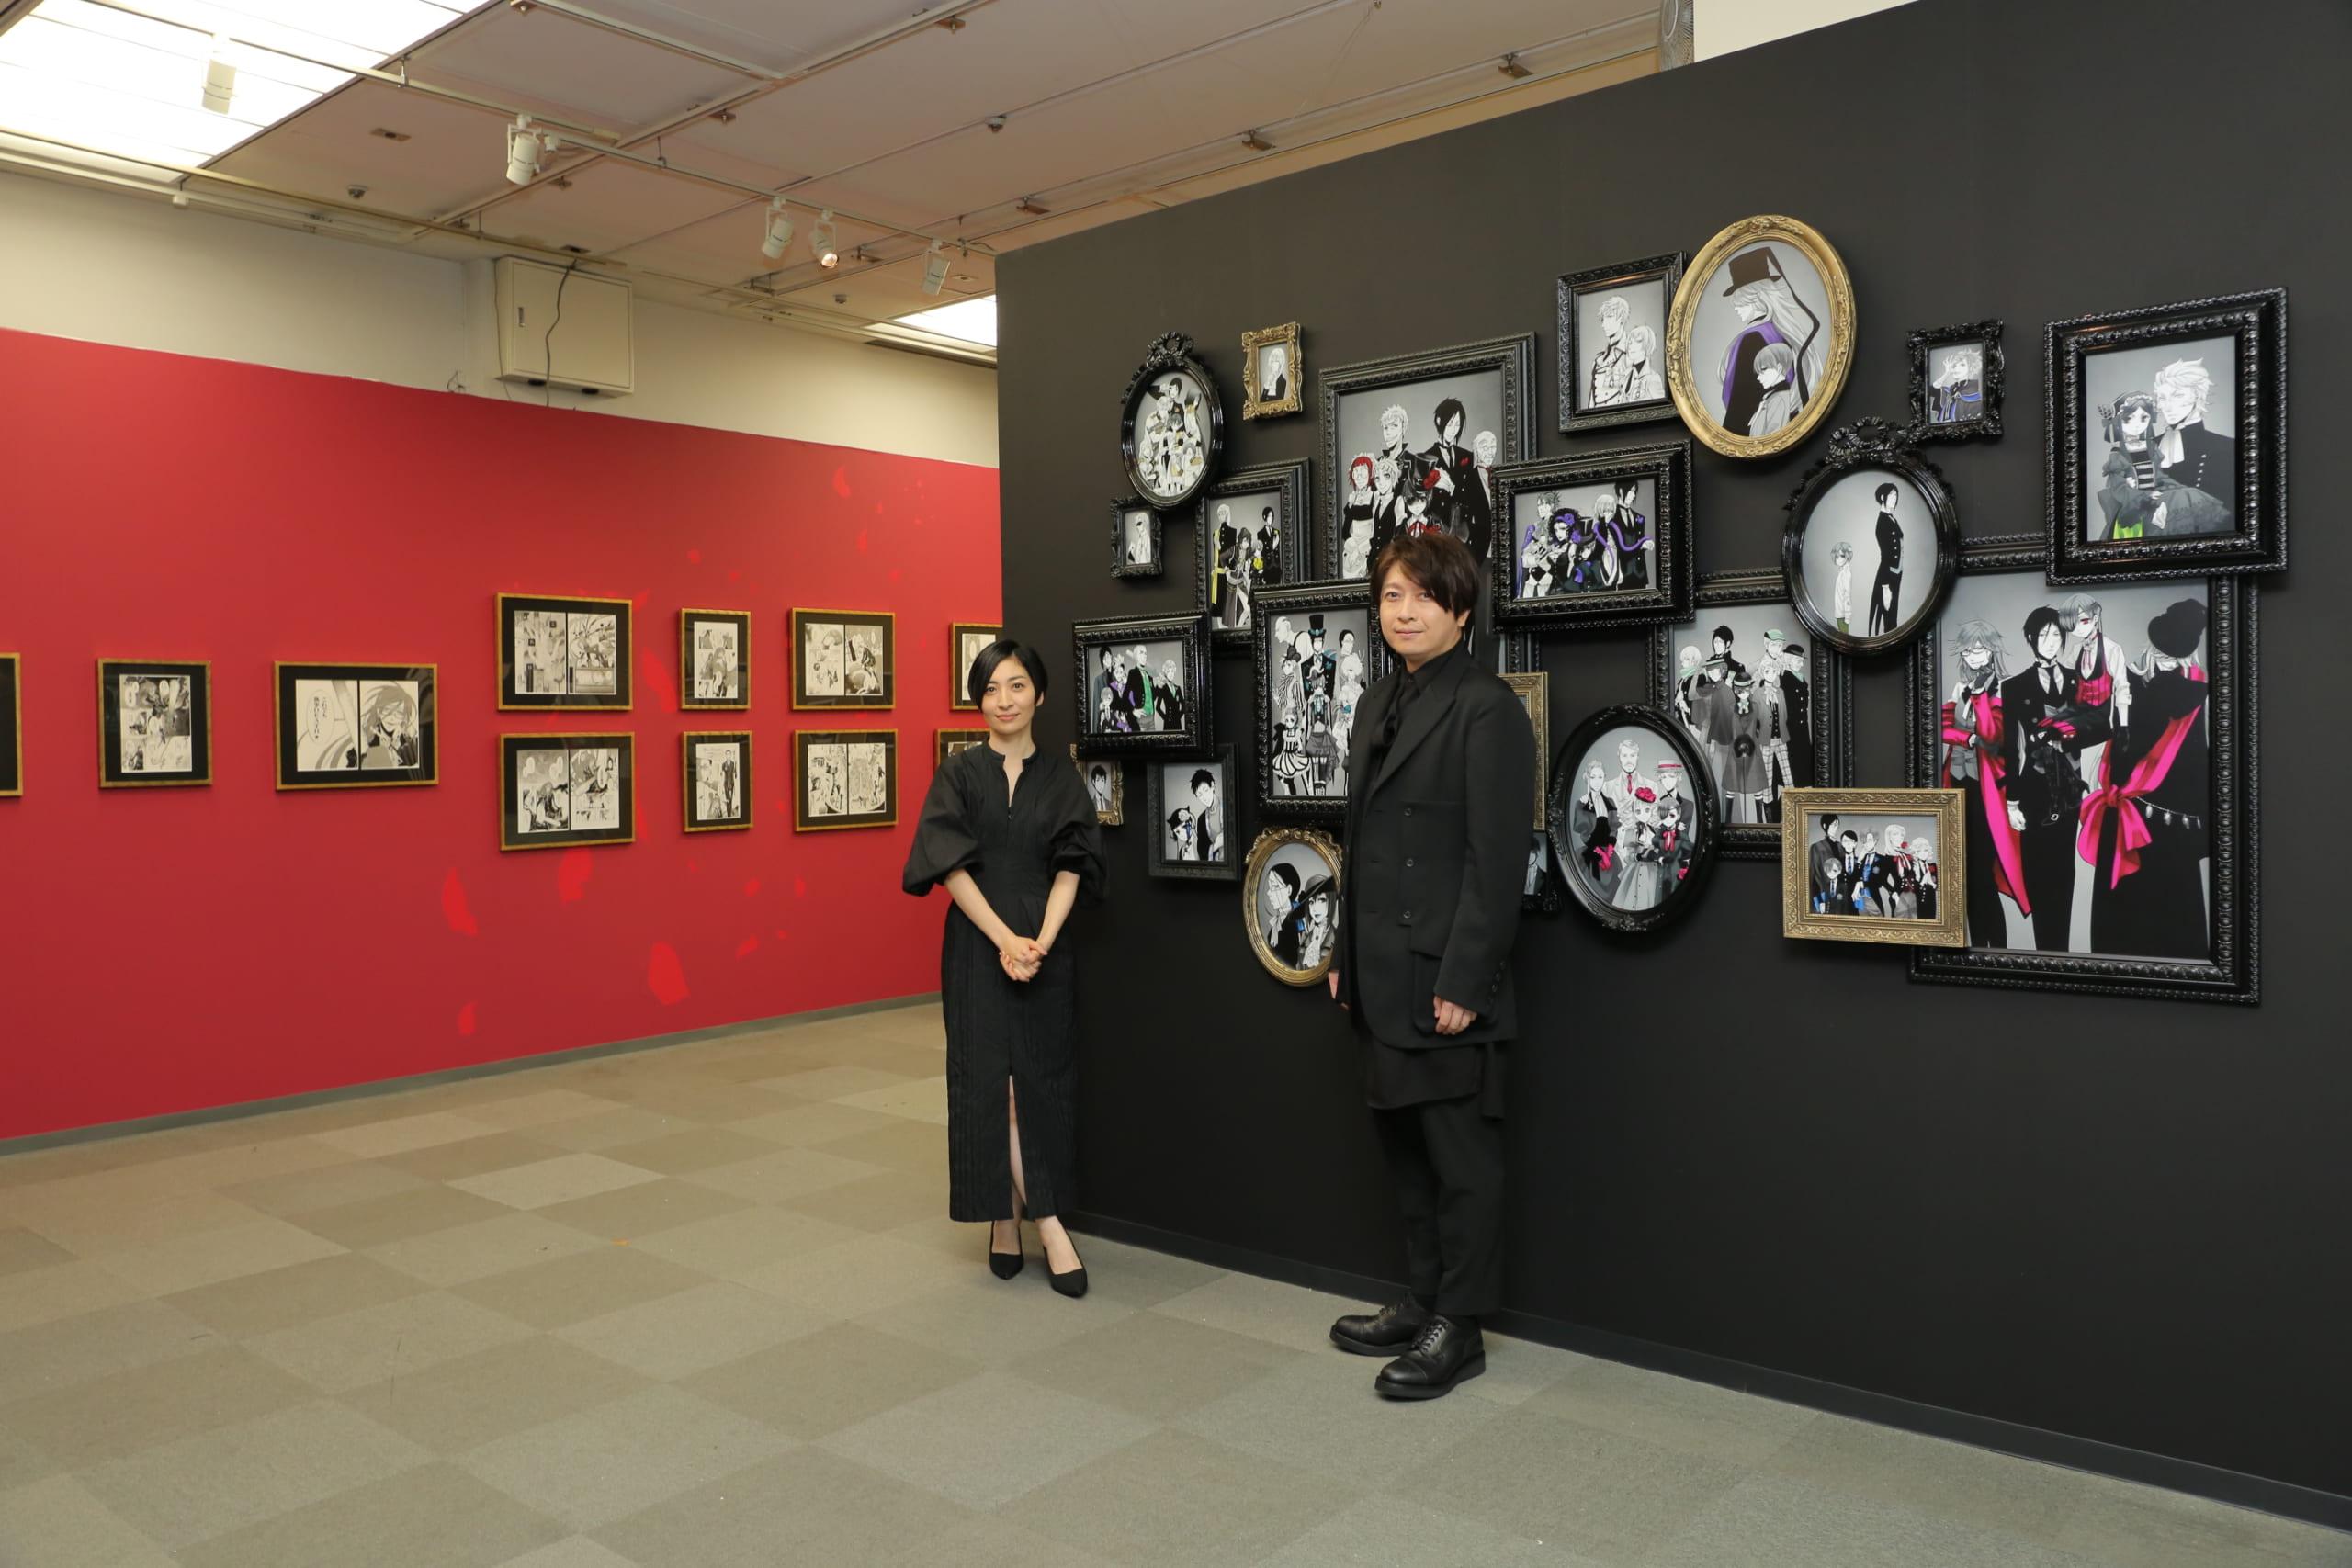 小野大輔さん&坂本真綾さんが「黒執事展」に来場!小野さん「とても幸せな気持ちです。」